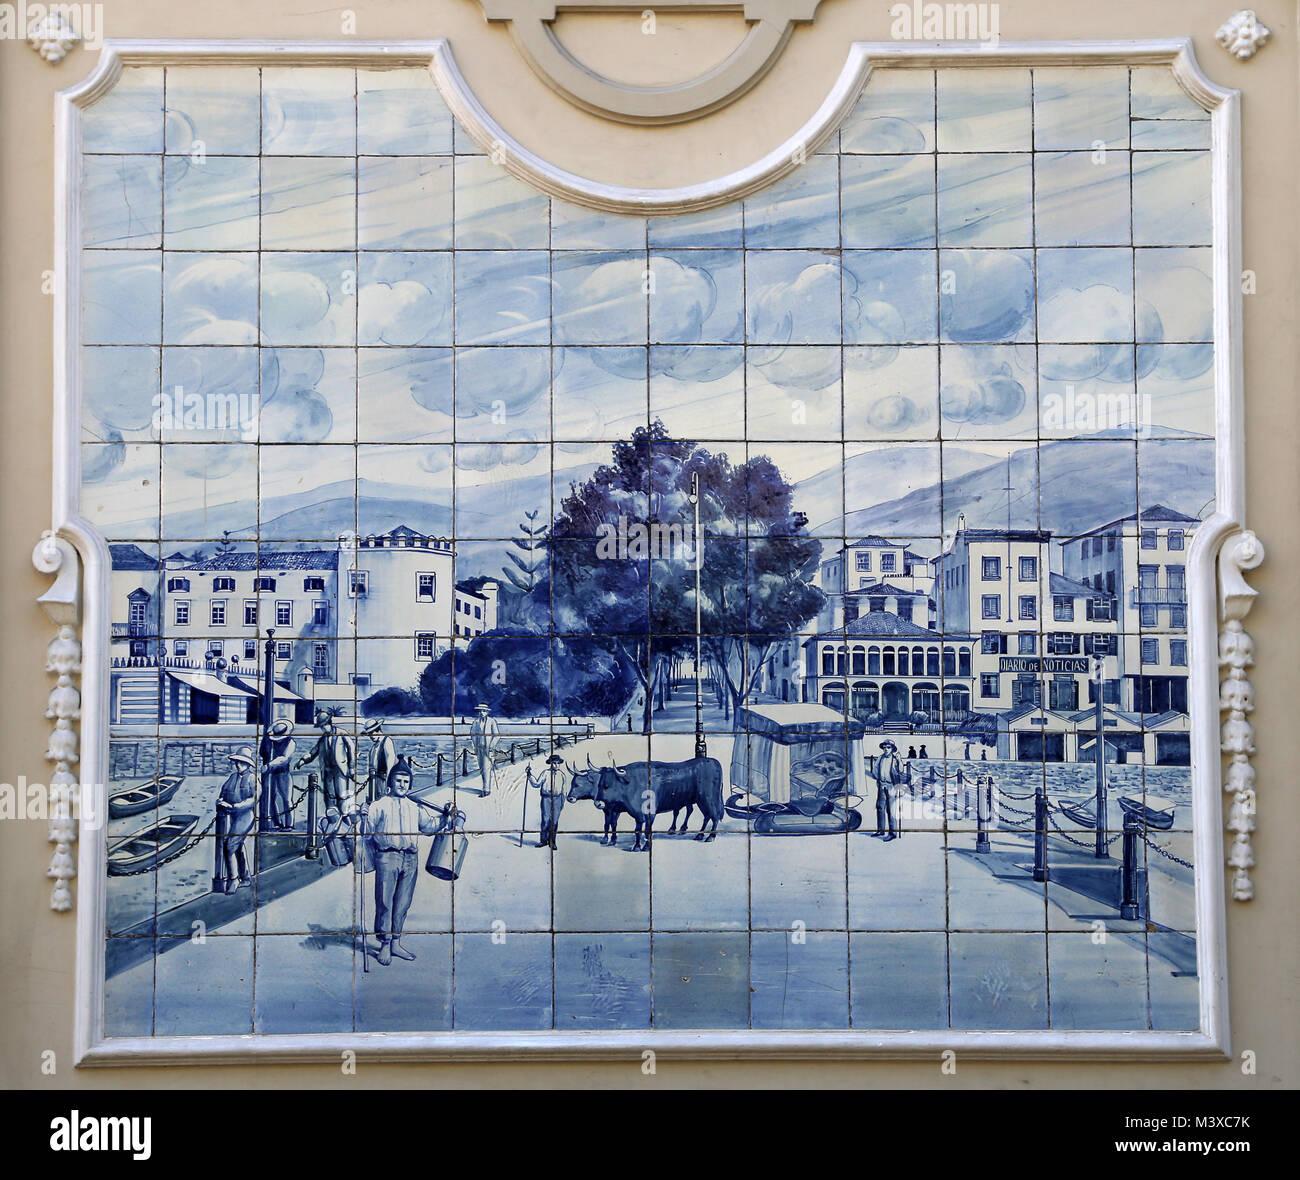 Azulejo del Ritz Cafe. Azulejos de cerámica azul vidriada representando escena rural. Alrededor de 1908. Funchal, Imagen De Stock